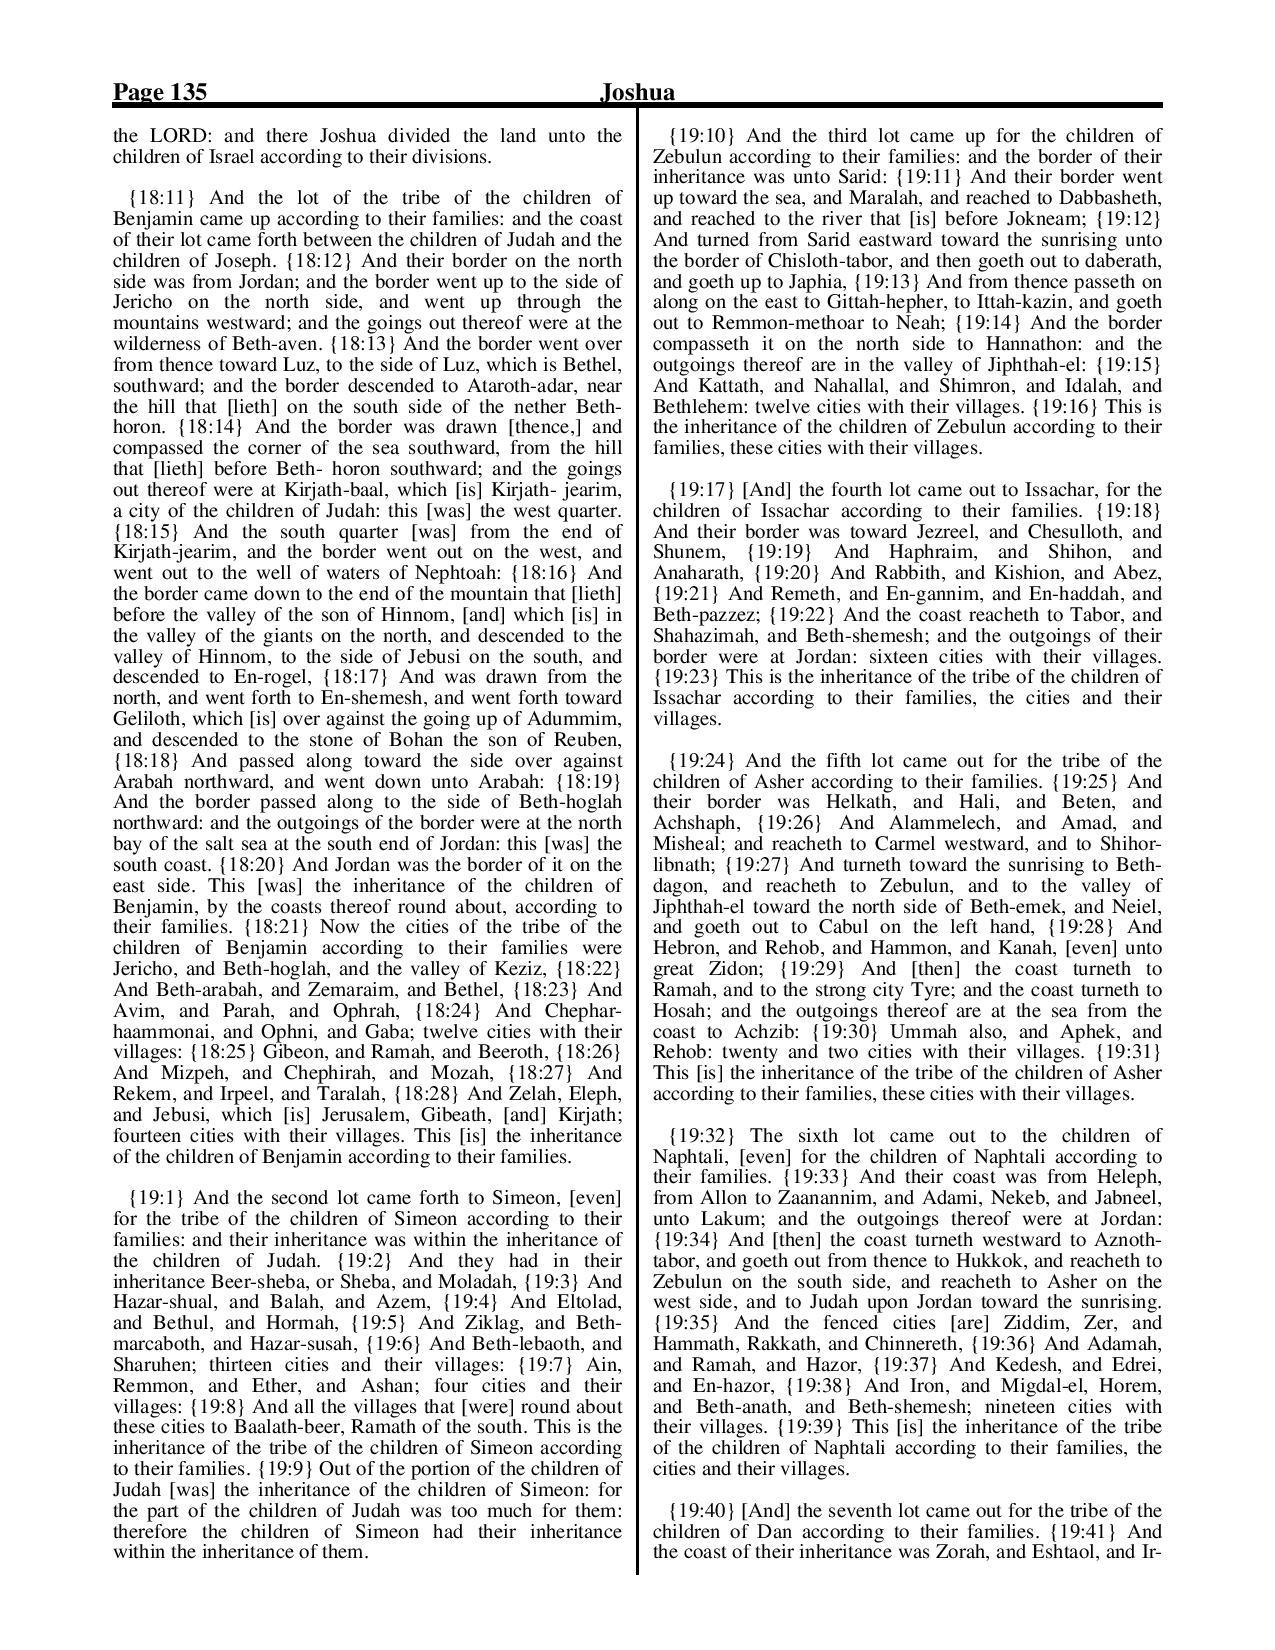 King-James-Bible-KJV-Bible-PDF-page-156